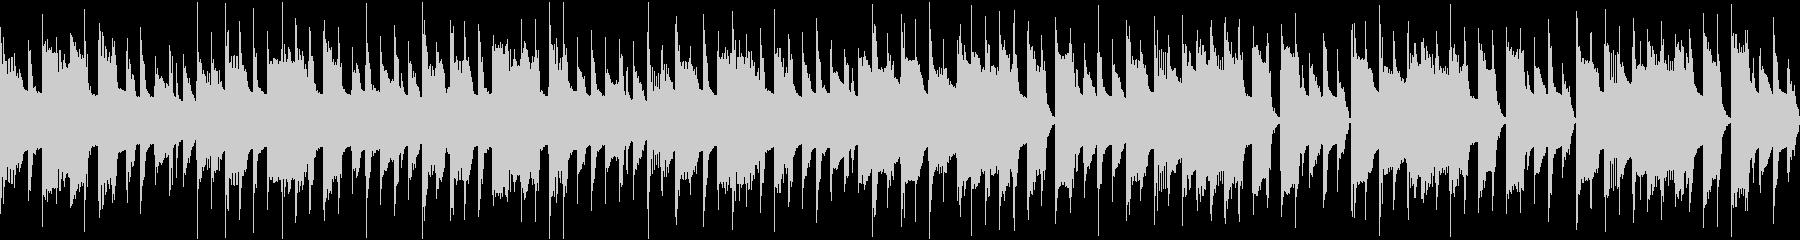 お知らせやCMなどに使えるシンプルな曲の未再生の波形